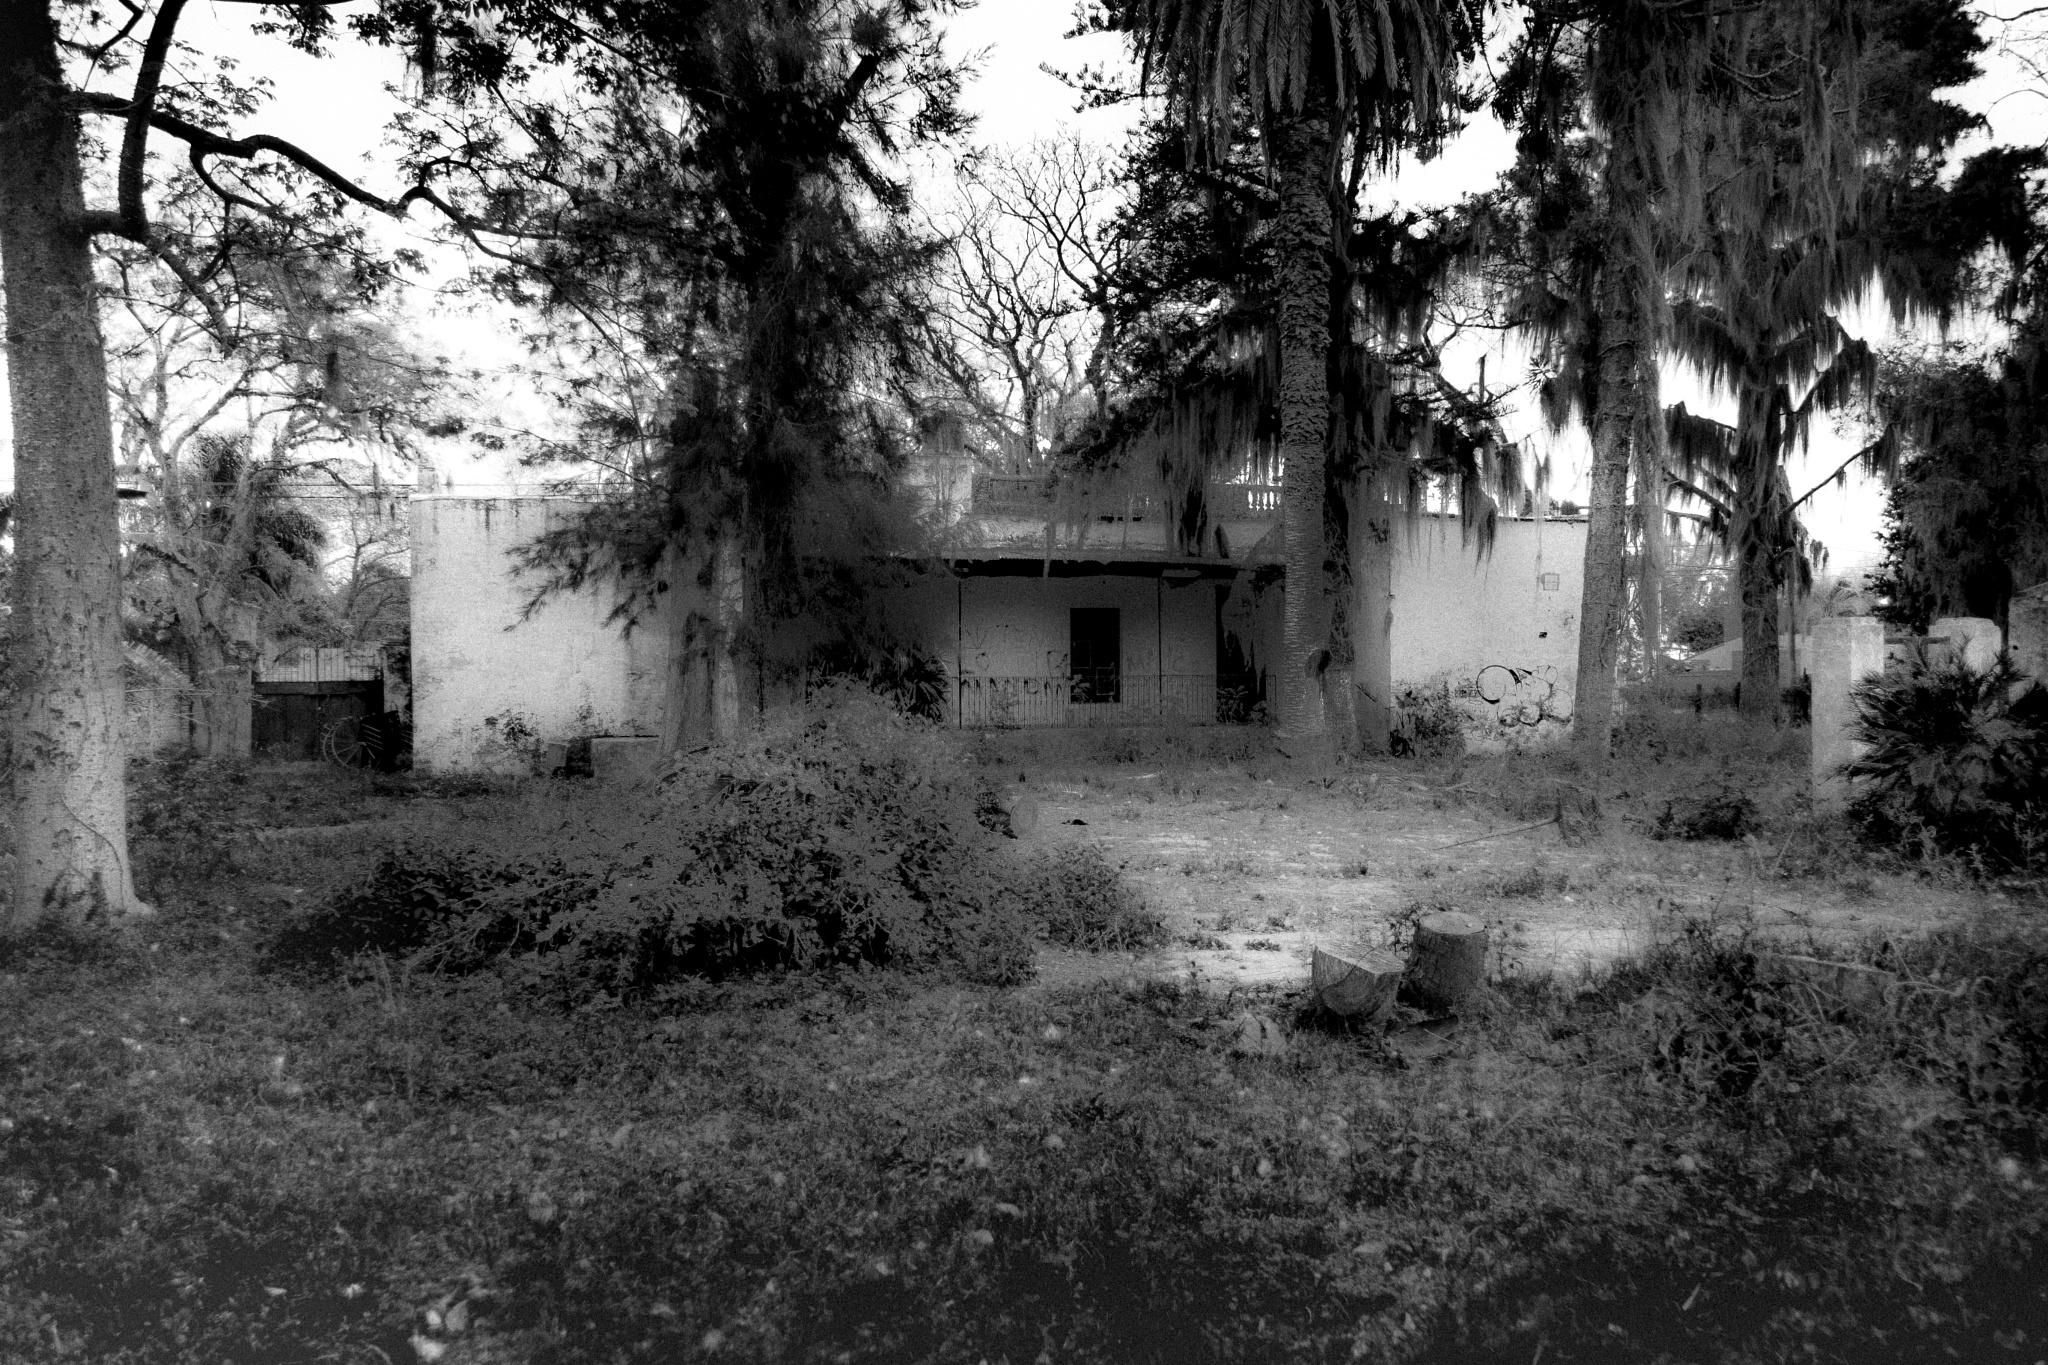 Casa abandonada atras de la comisaría en San José del Rincón by Luis Medrano Pizarro